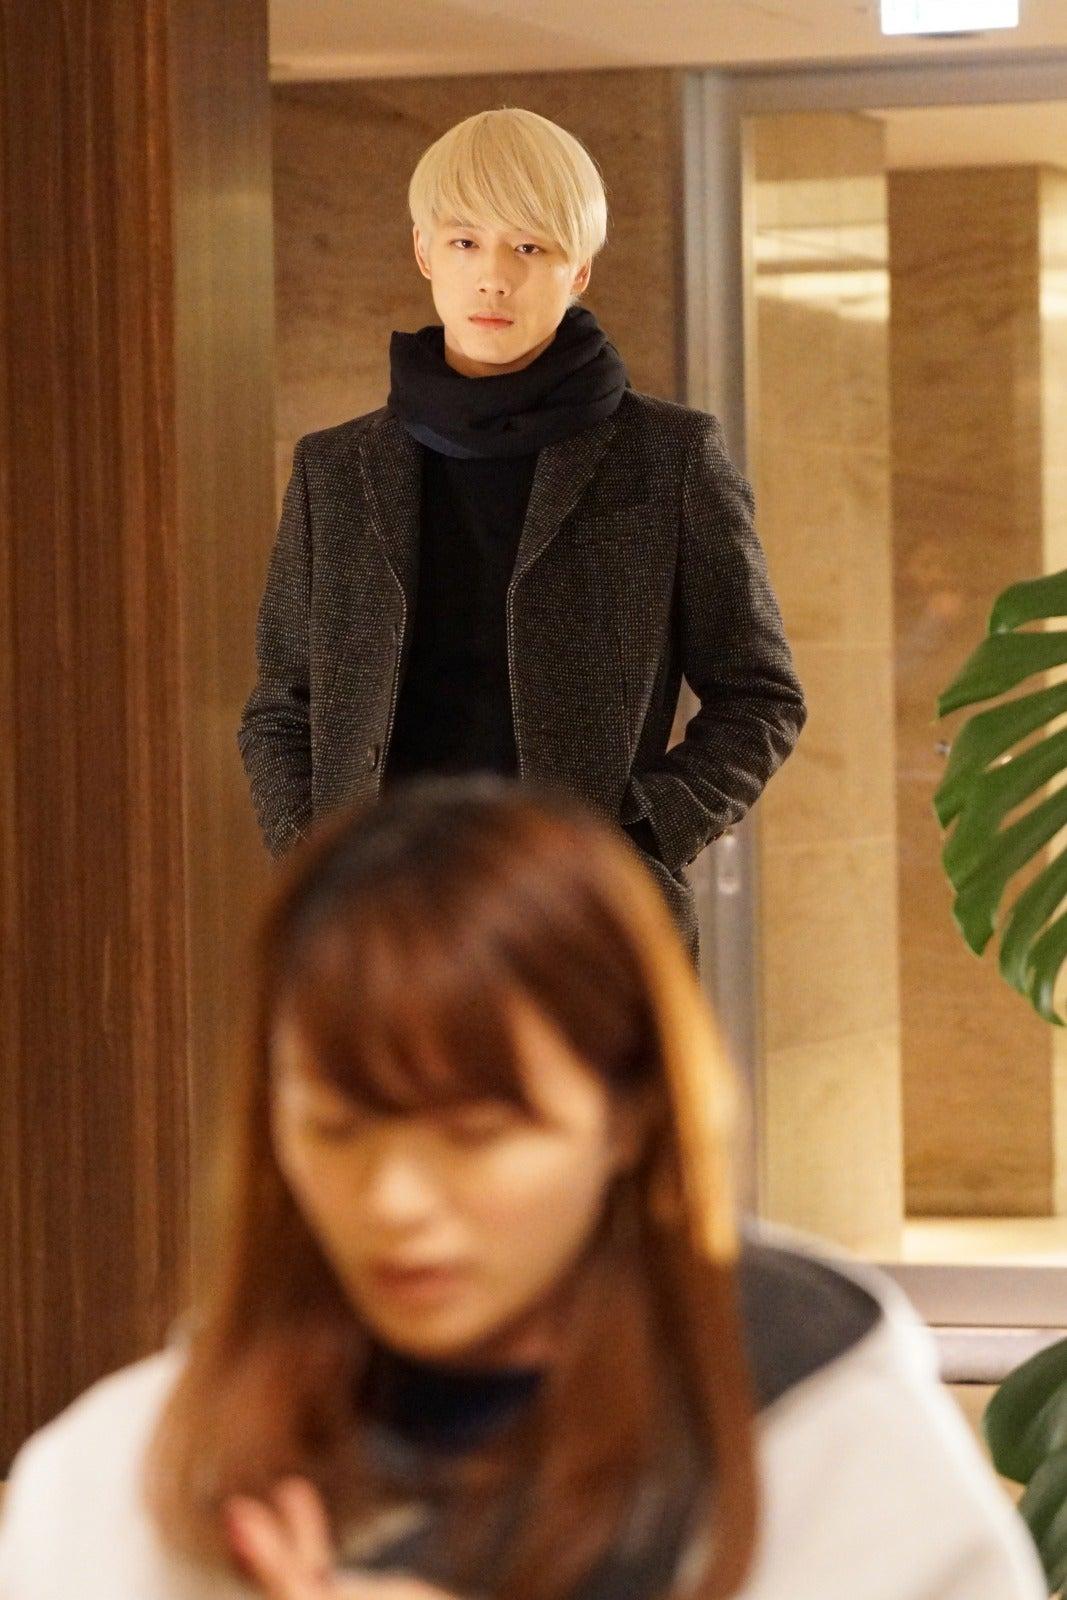 3月8日(水)に『東京タラレバ娘』の第8話が放送され、元彼との関係を断ち切れずにいる香(榮倉奈々)への共感の声が相次いだ。